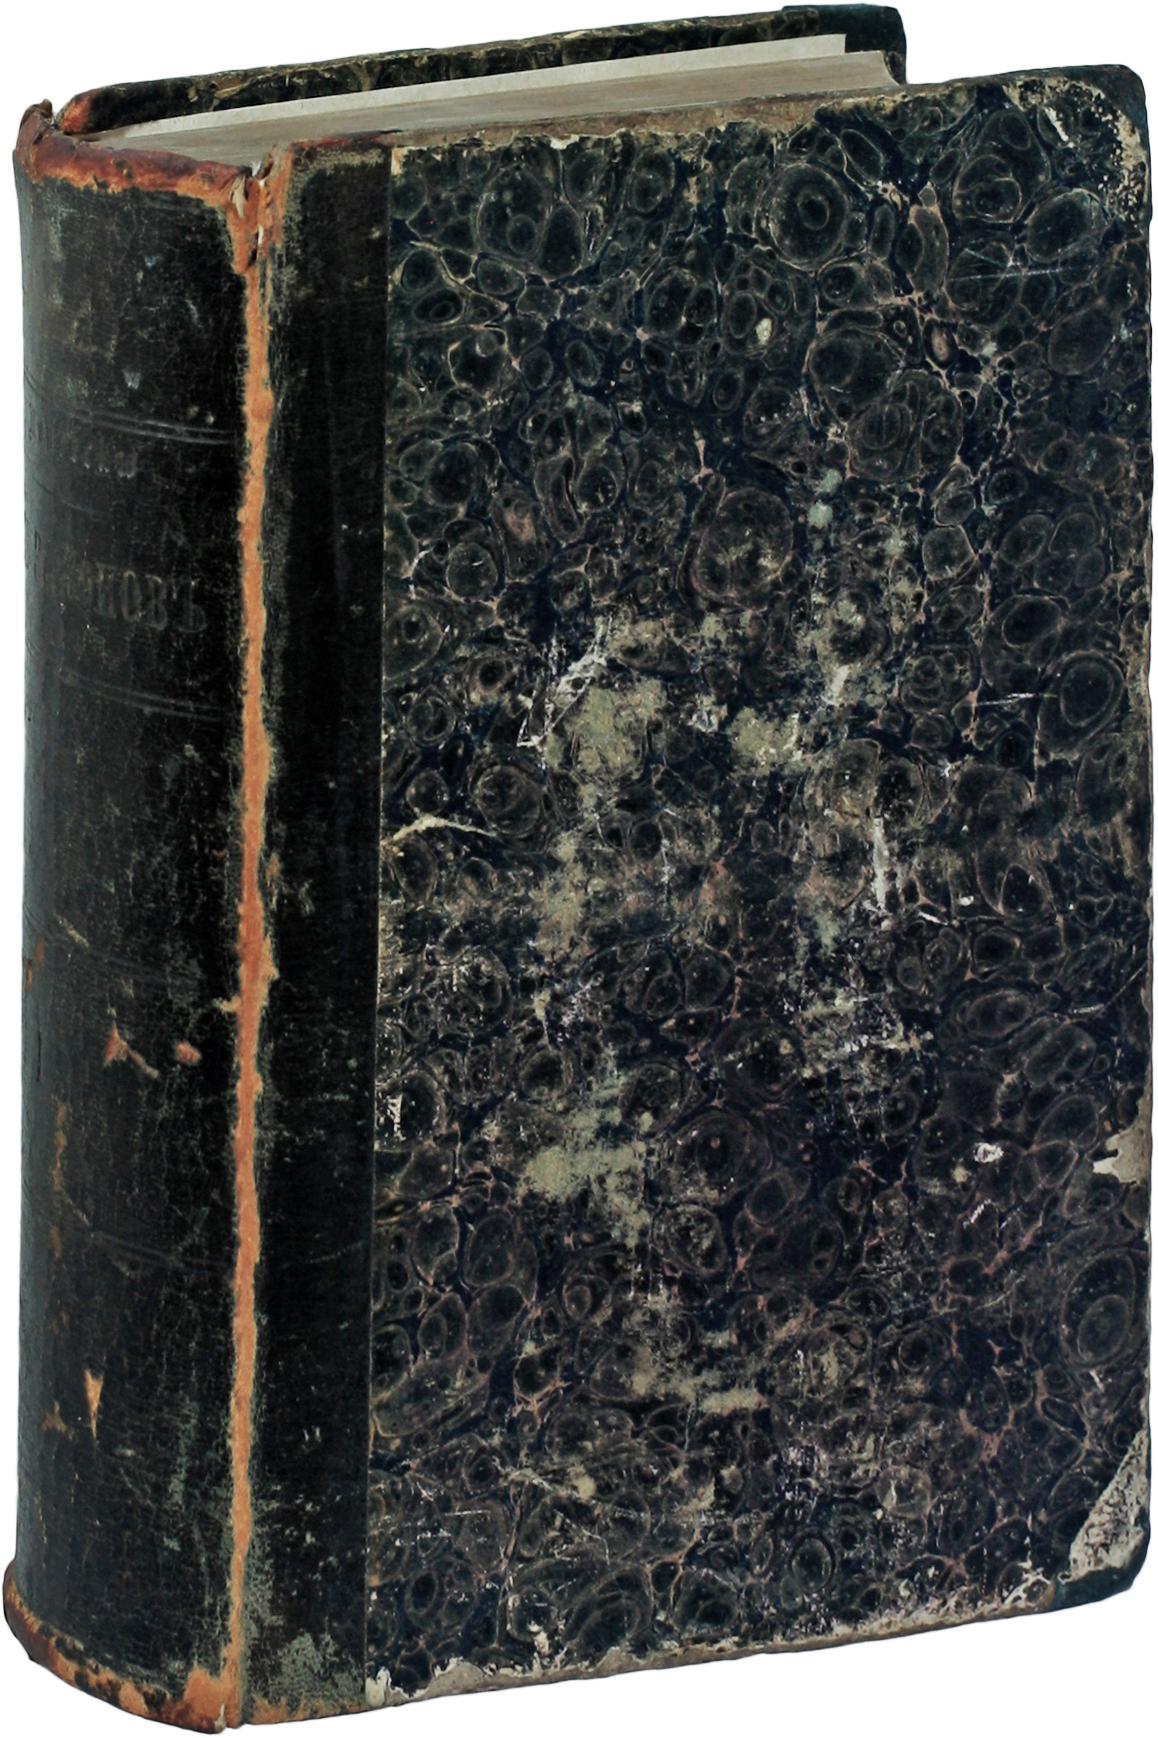 Монтескье Шарль Дух законов. Творение знаменитого французского писателя де Монтескю. В 3-х частях (полный комплект)